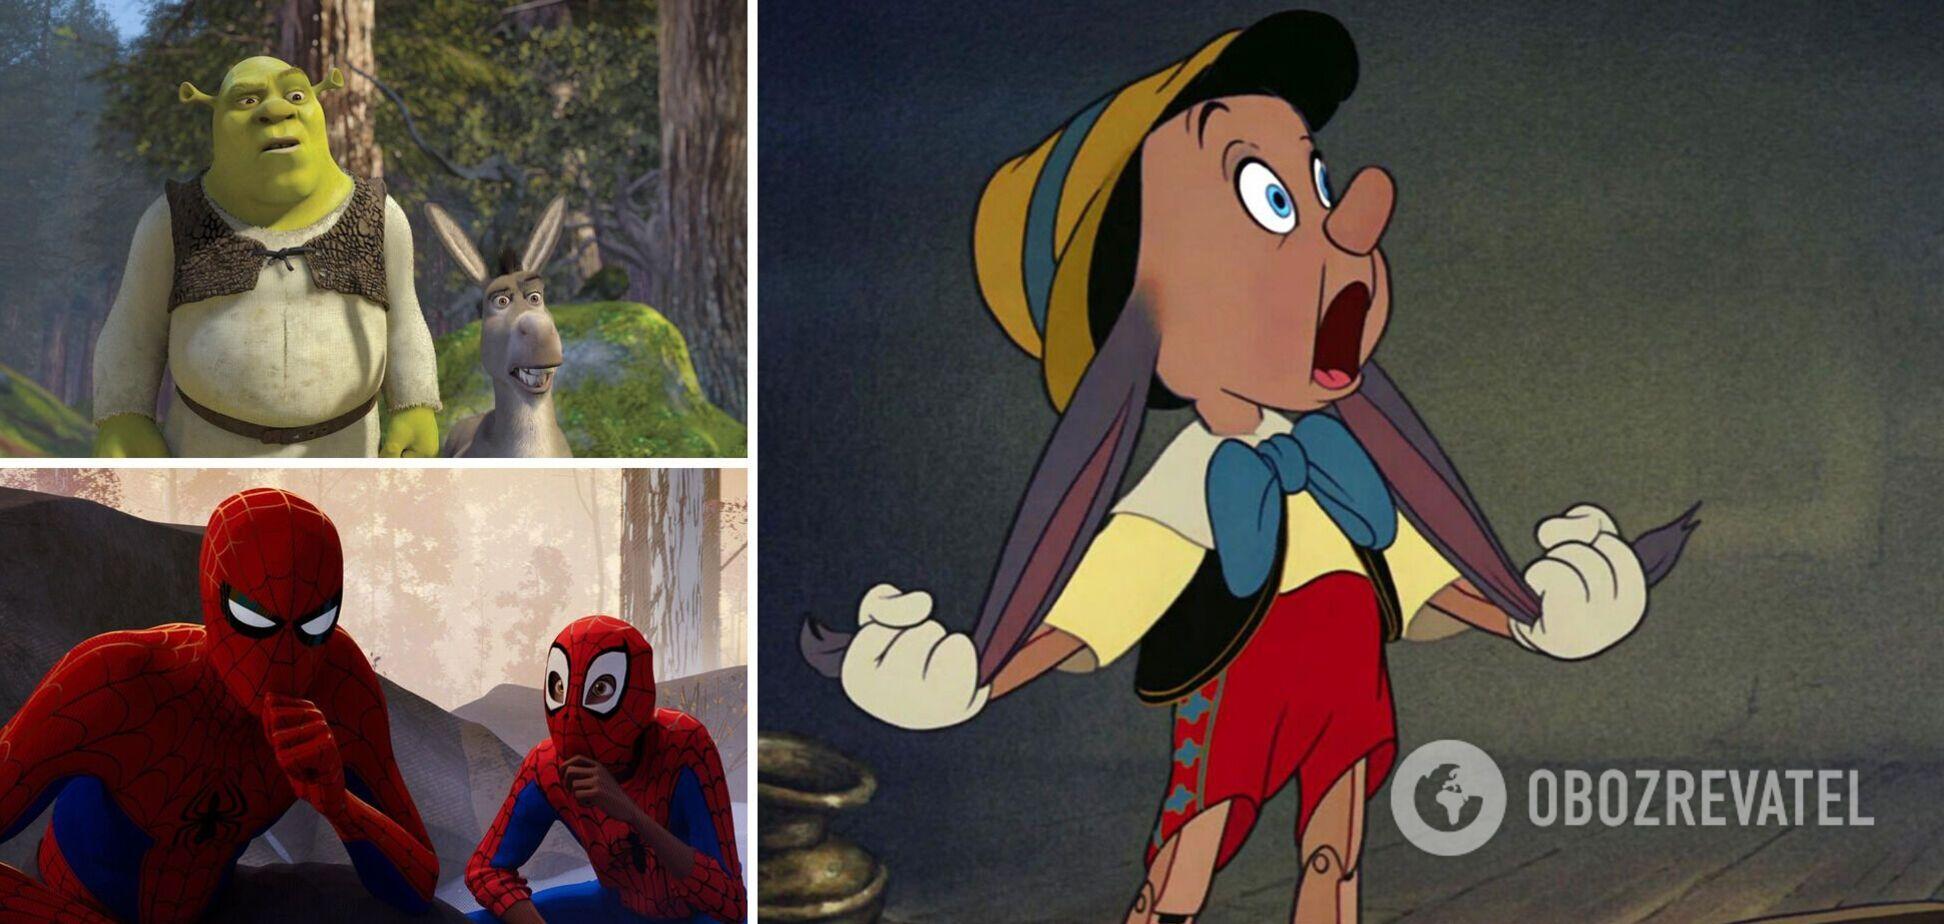 Анимационные мультфильмы наградили премией 'Оскар'